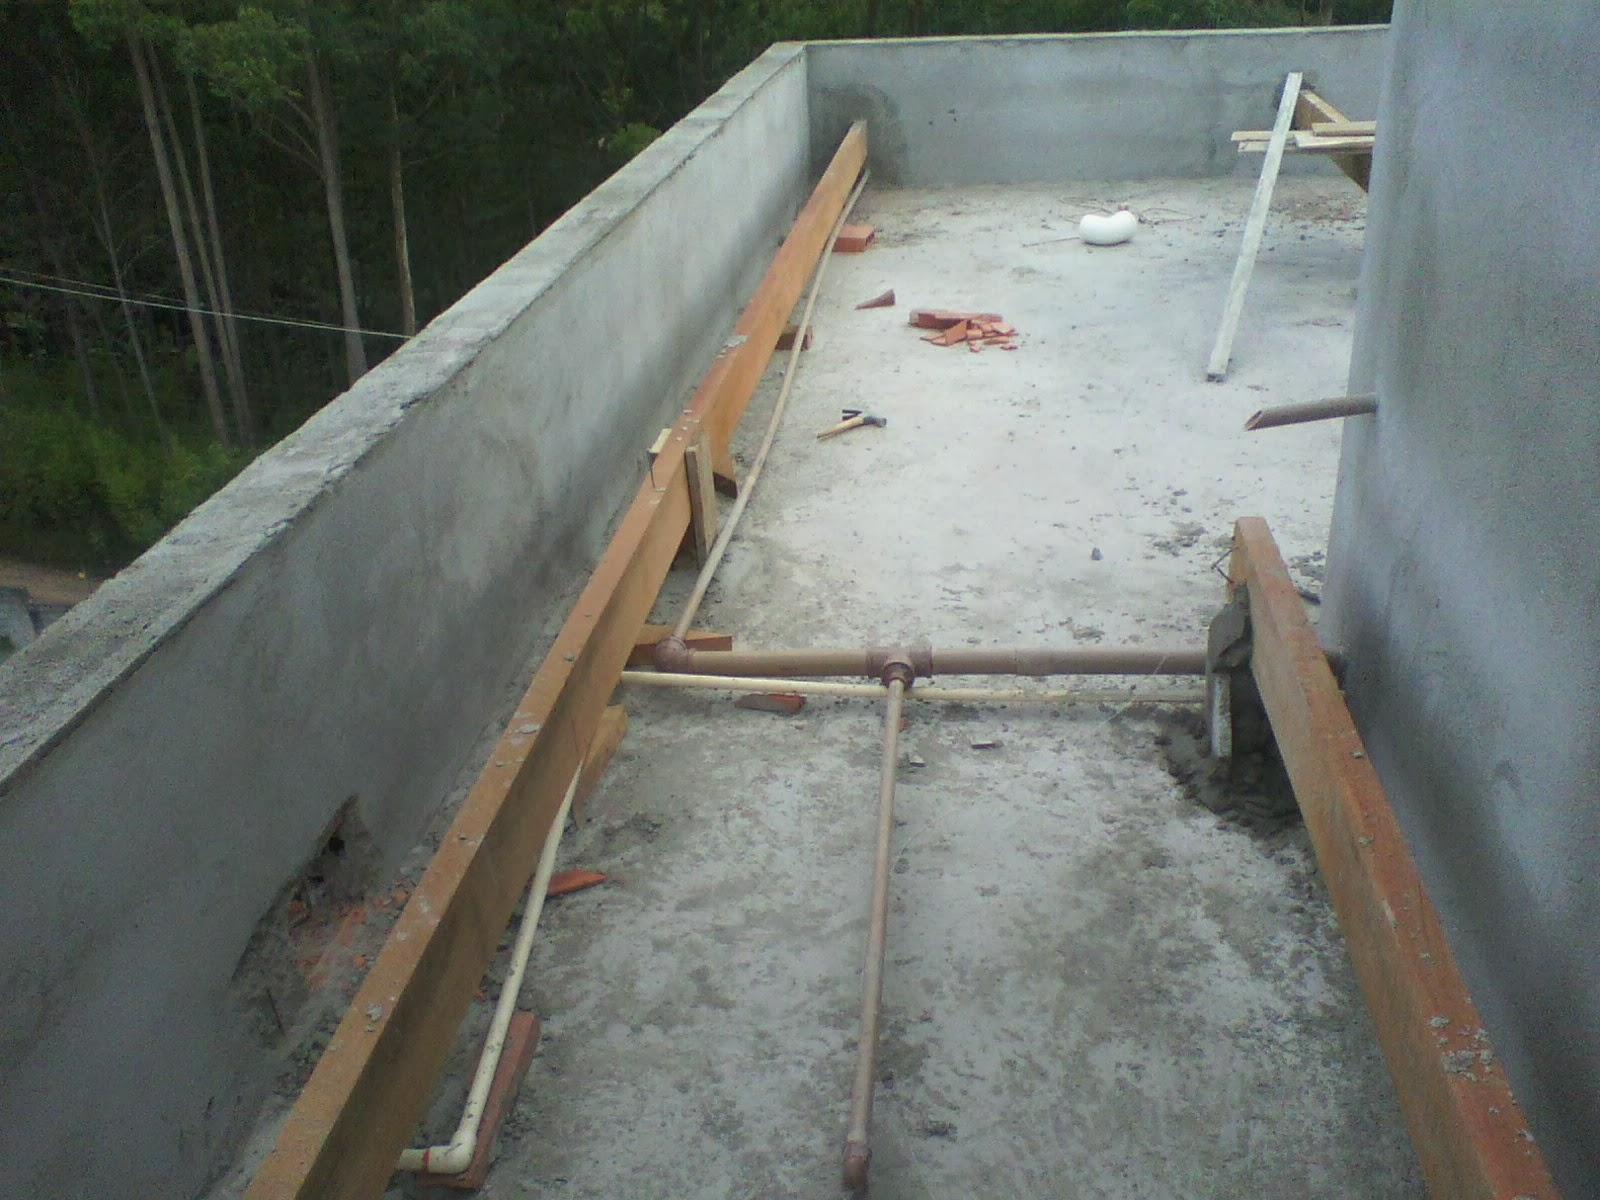 Casa Tony & Ta: Caixa d'agua Instalada e Madeiramento Telhado #826449 1600x1200